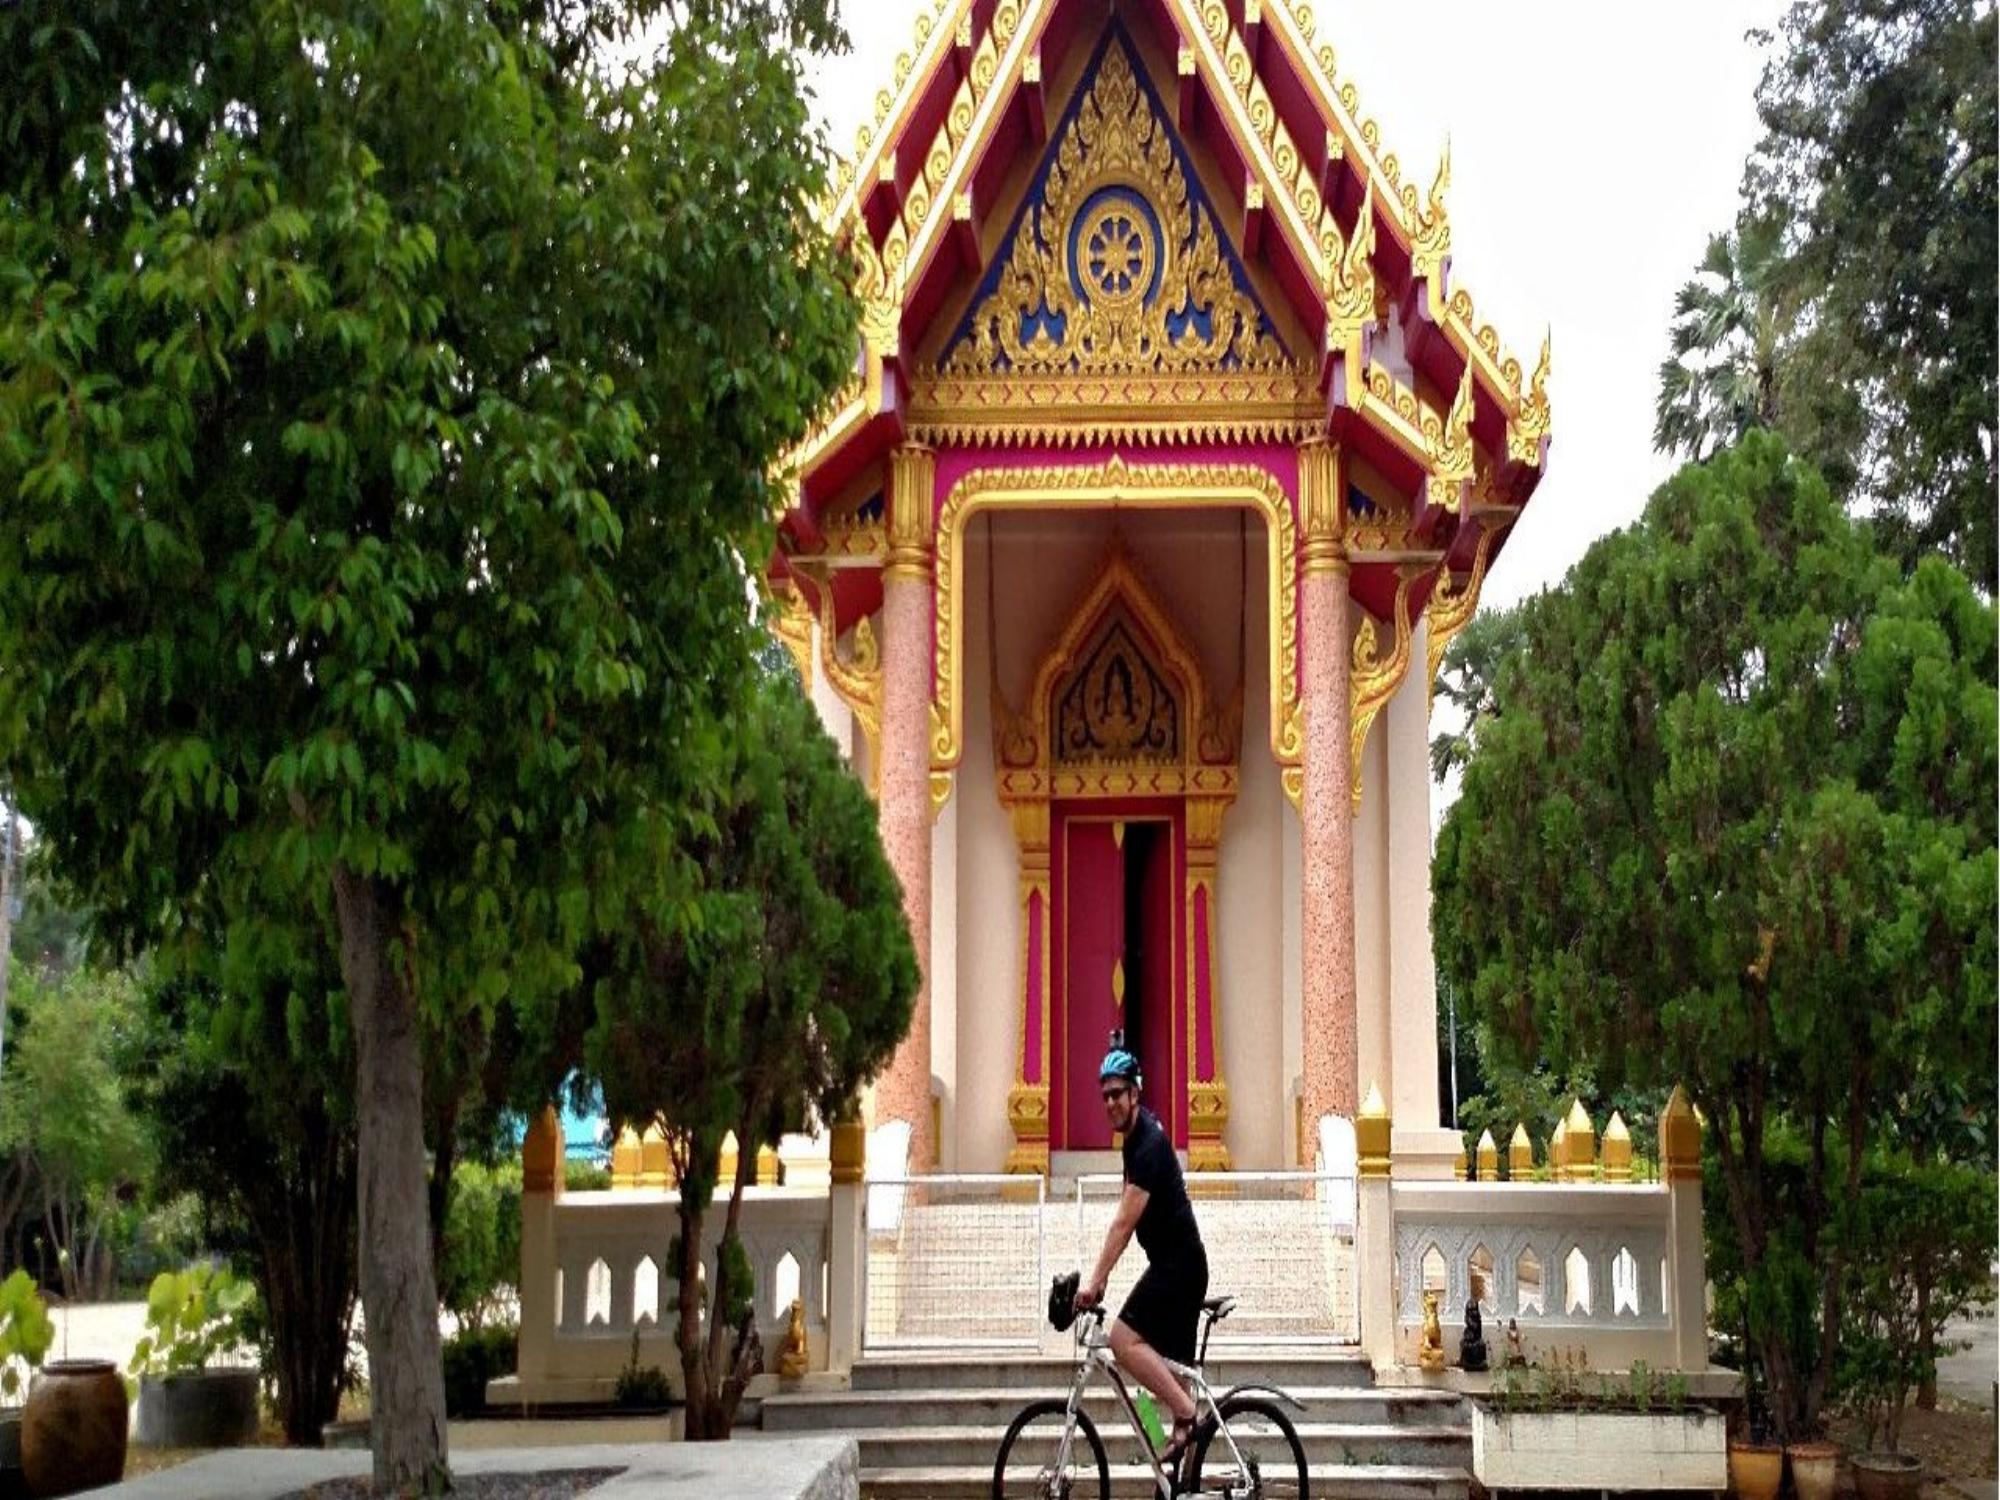 https://www.colemanconcierge.com/ten-tips-epic-thailand-bike-tour/